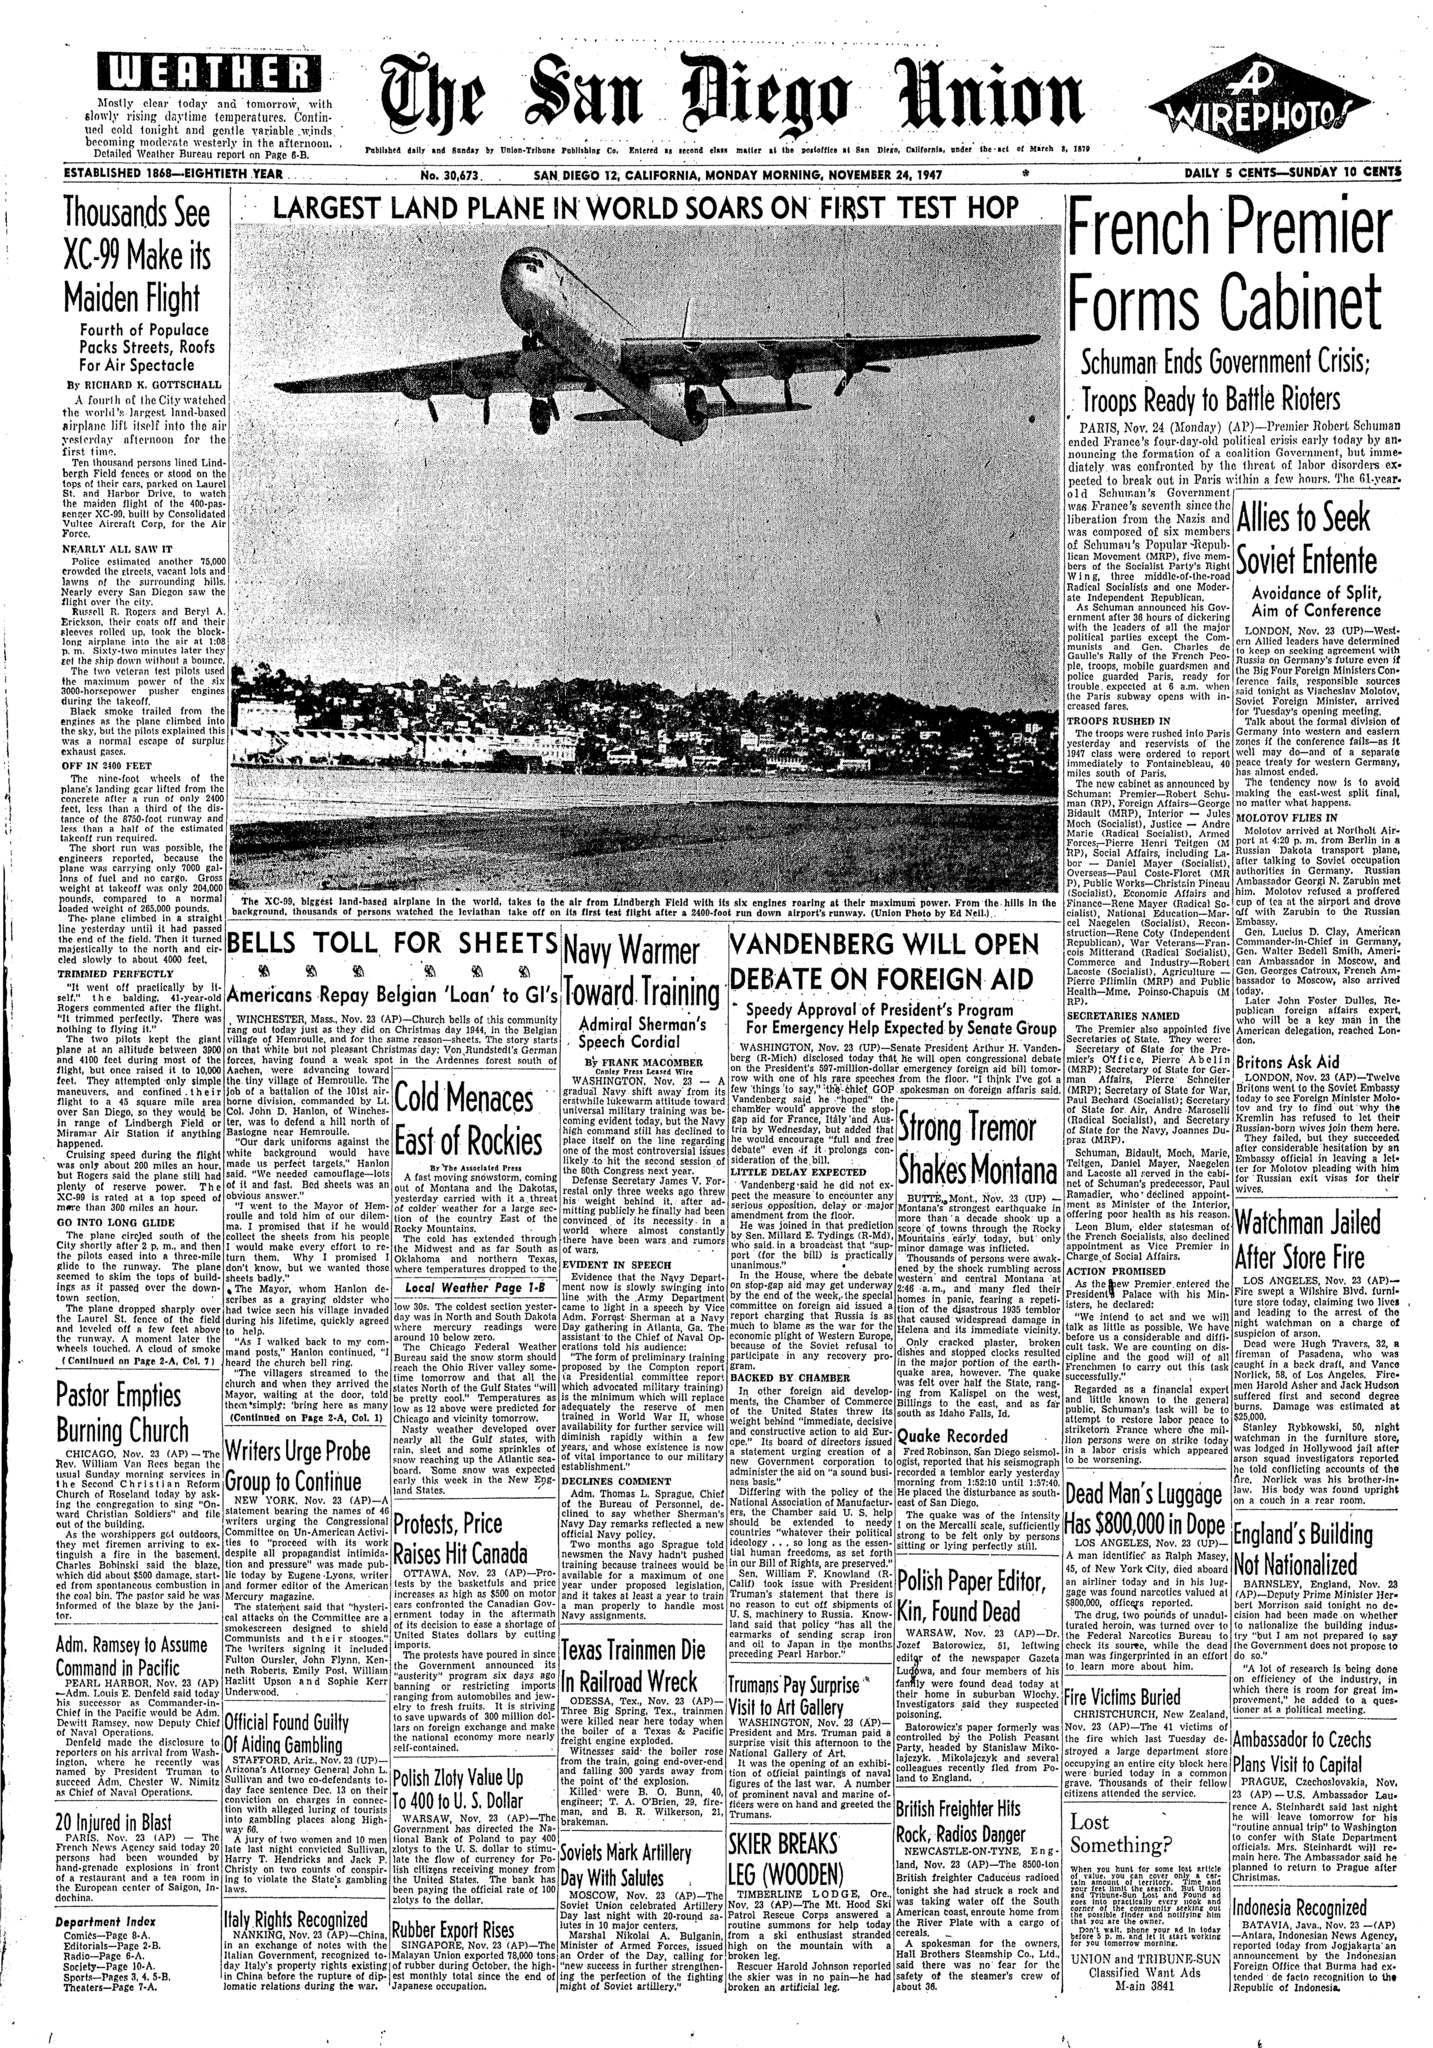 November 24, 1947